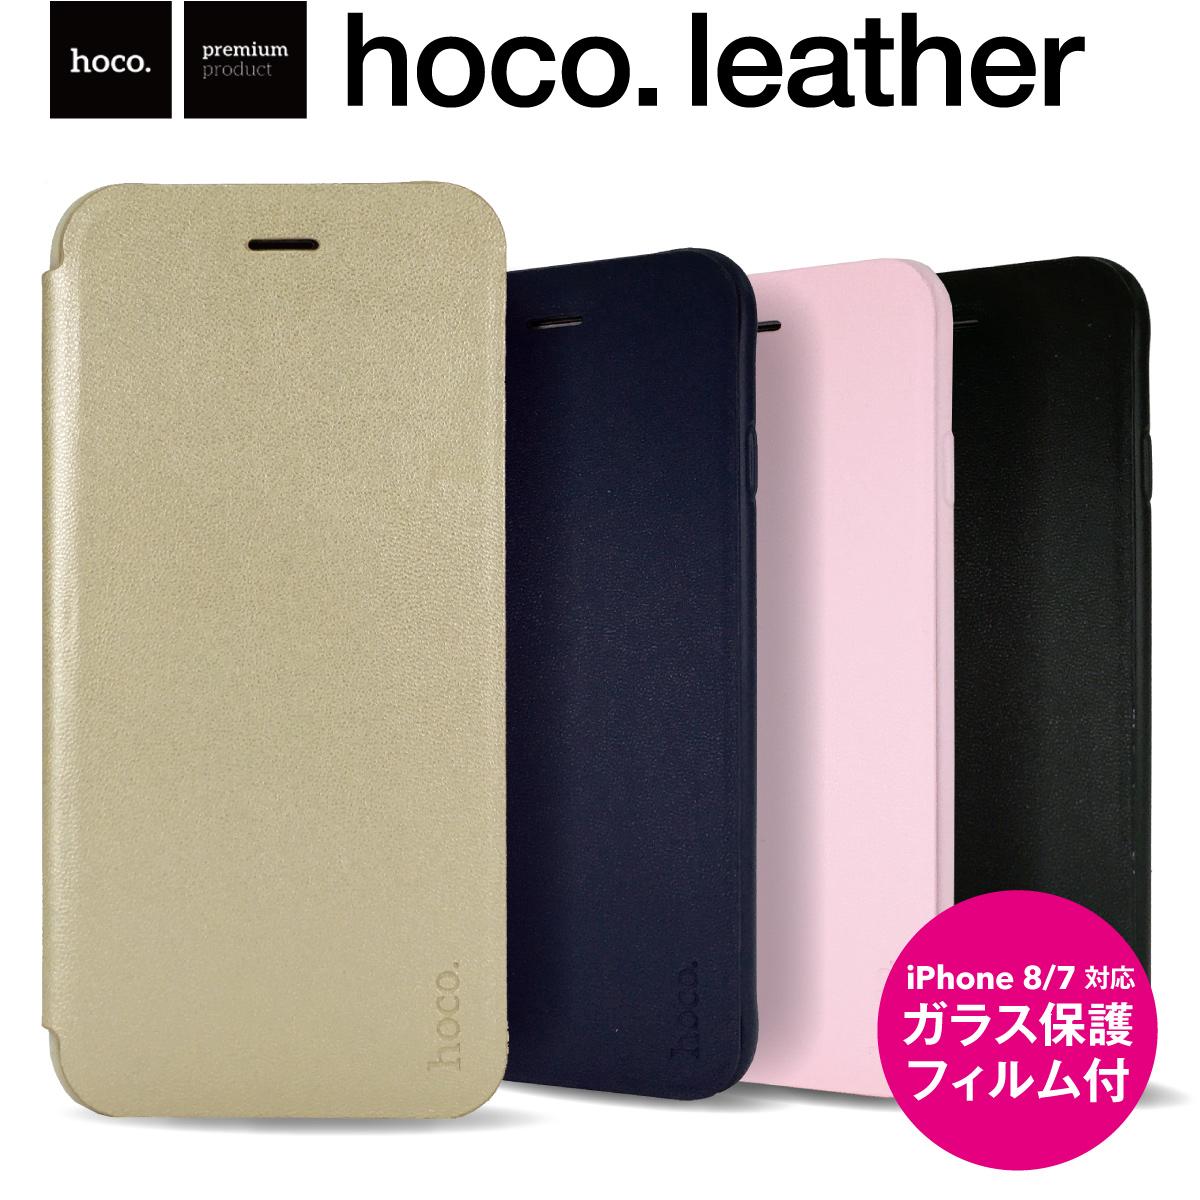 hoco case iphone 7